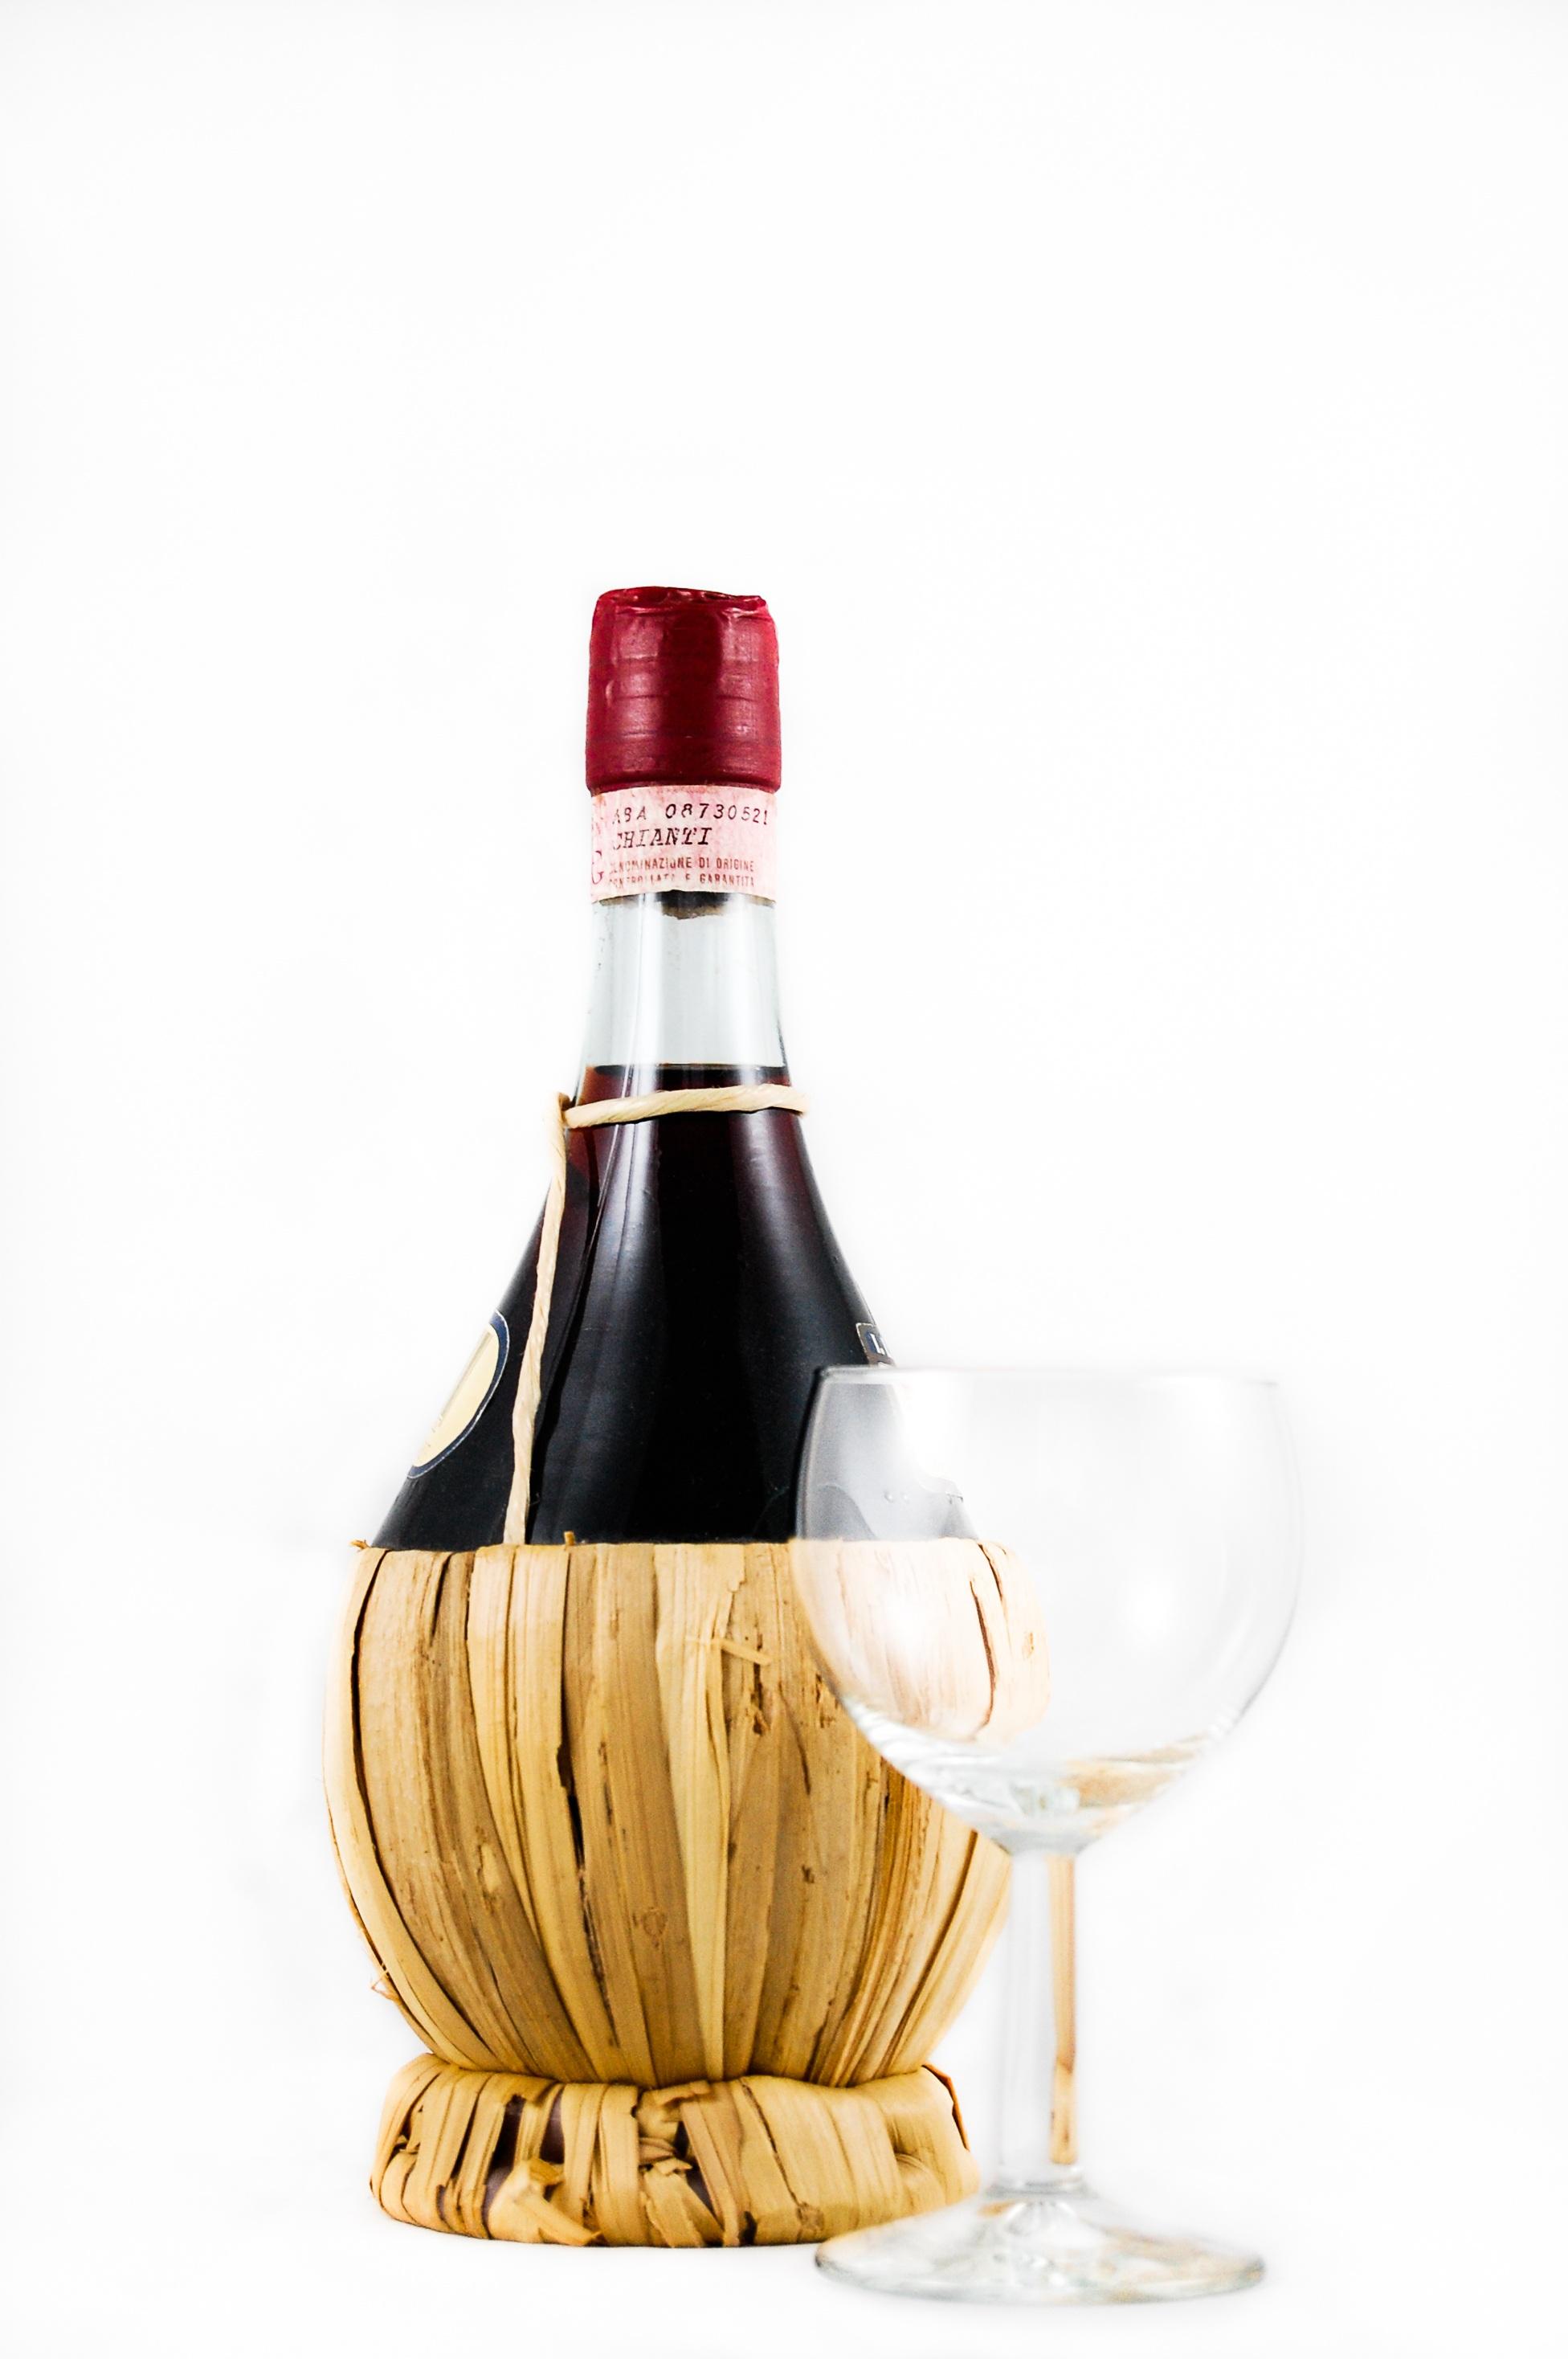 Images Gratuites Du Vin Vin Rouge Bouteille De Vin Bouteille En